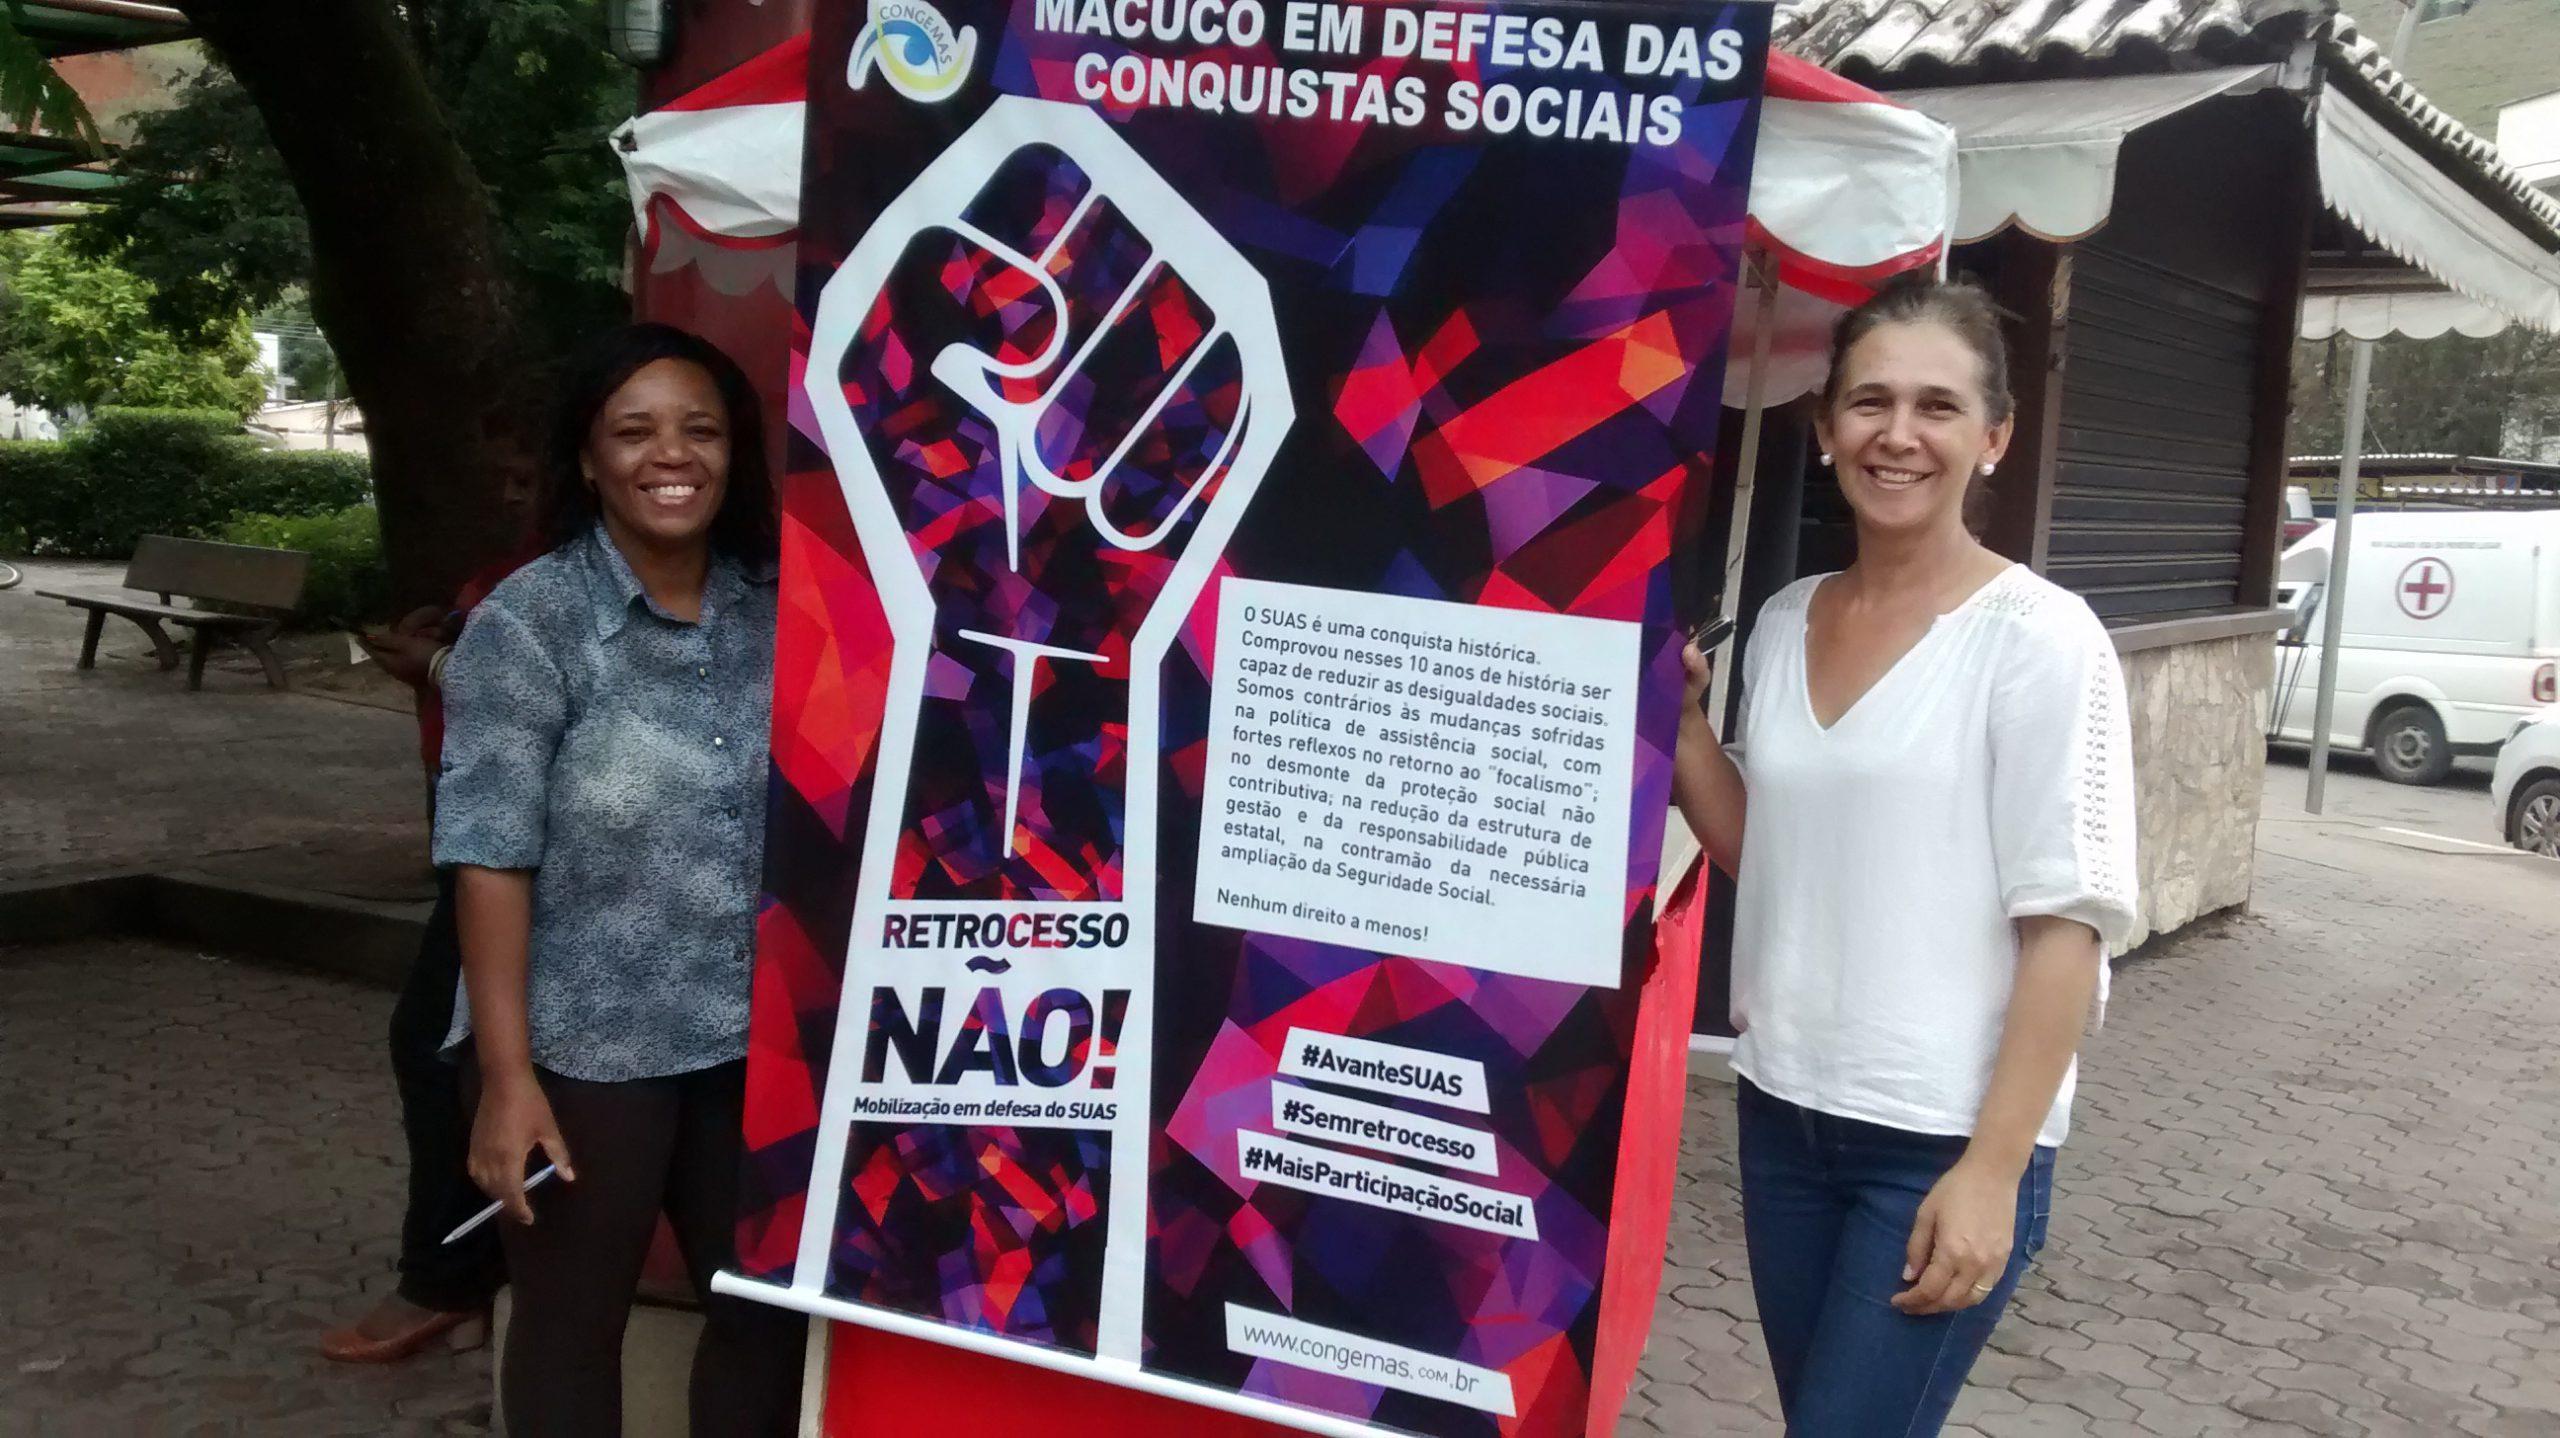 Macuquenses se mobilizam pelos direitos da Assistência Social